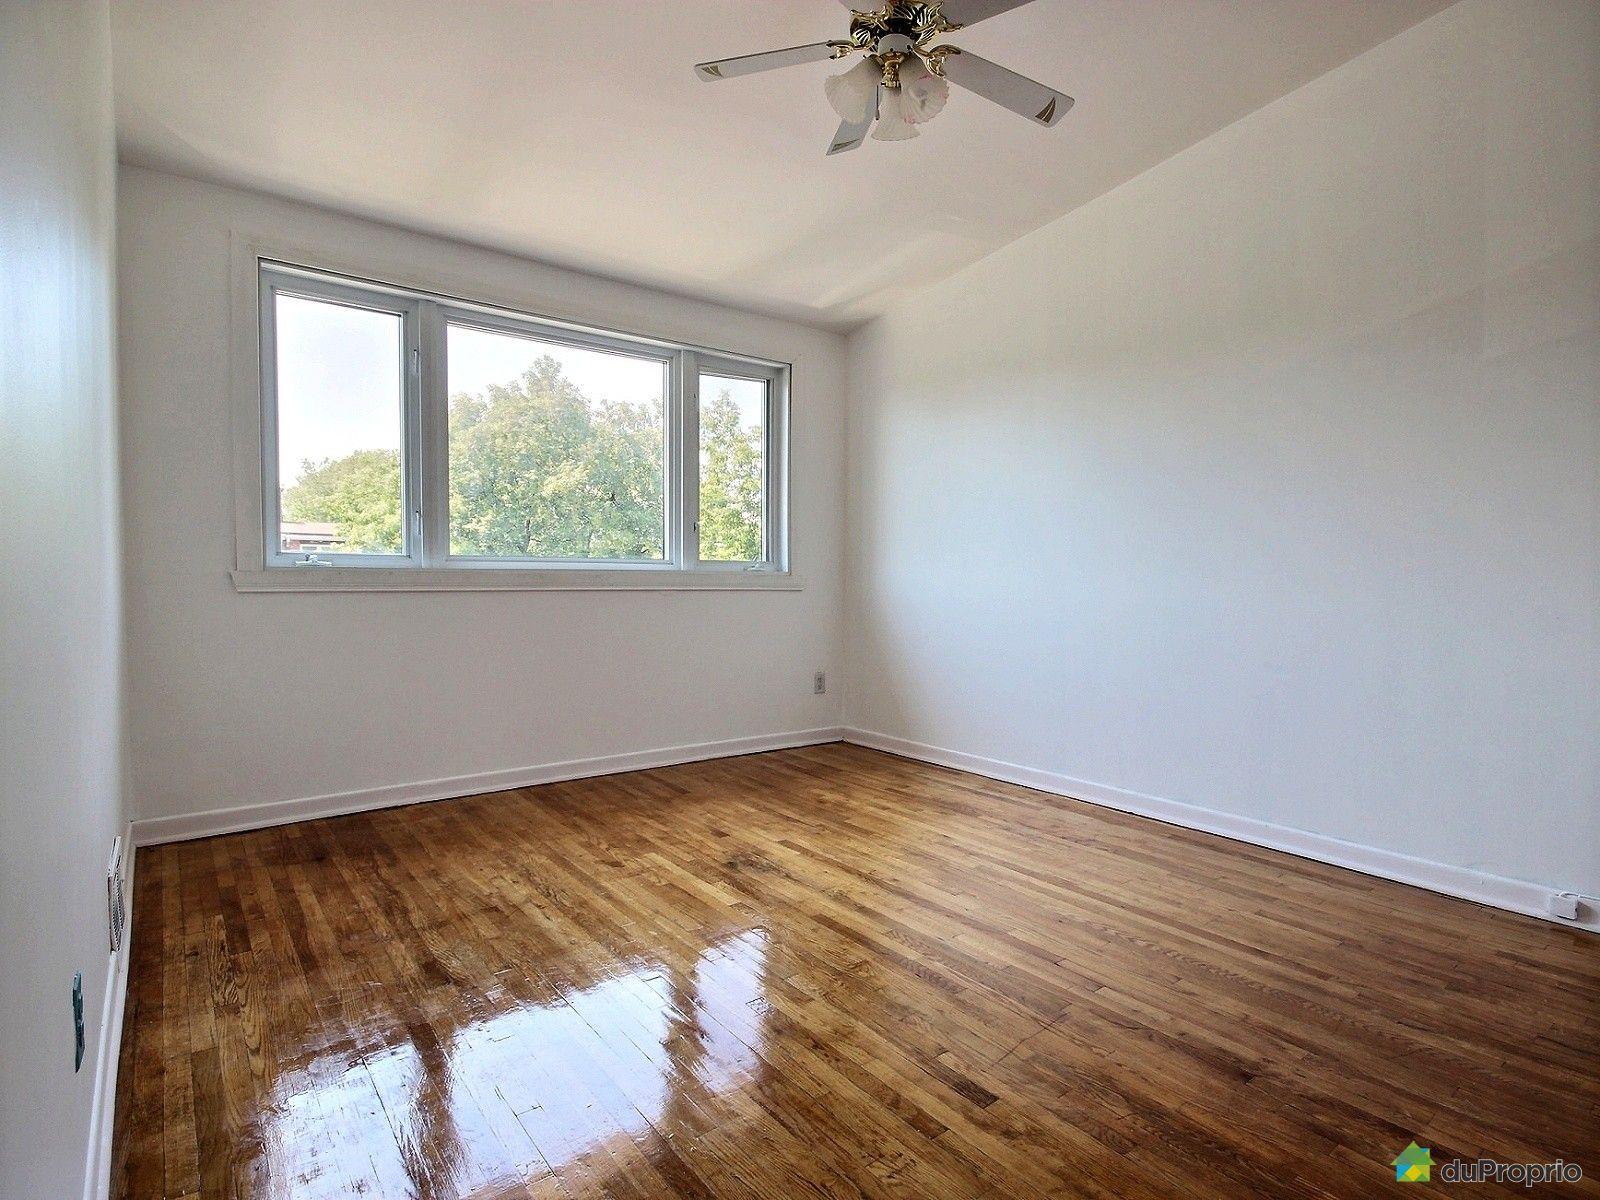 Maison vendre montr al 121 avenue pendennis immobilier for Chambre de commune